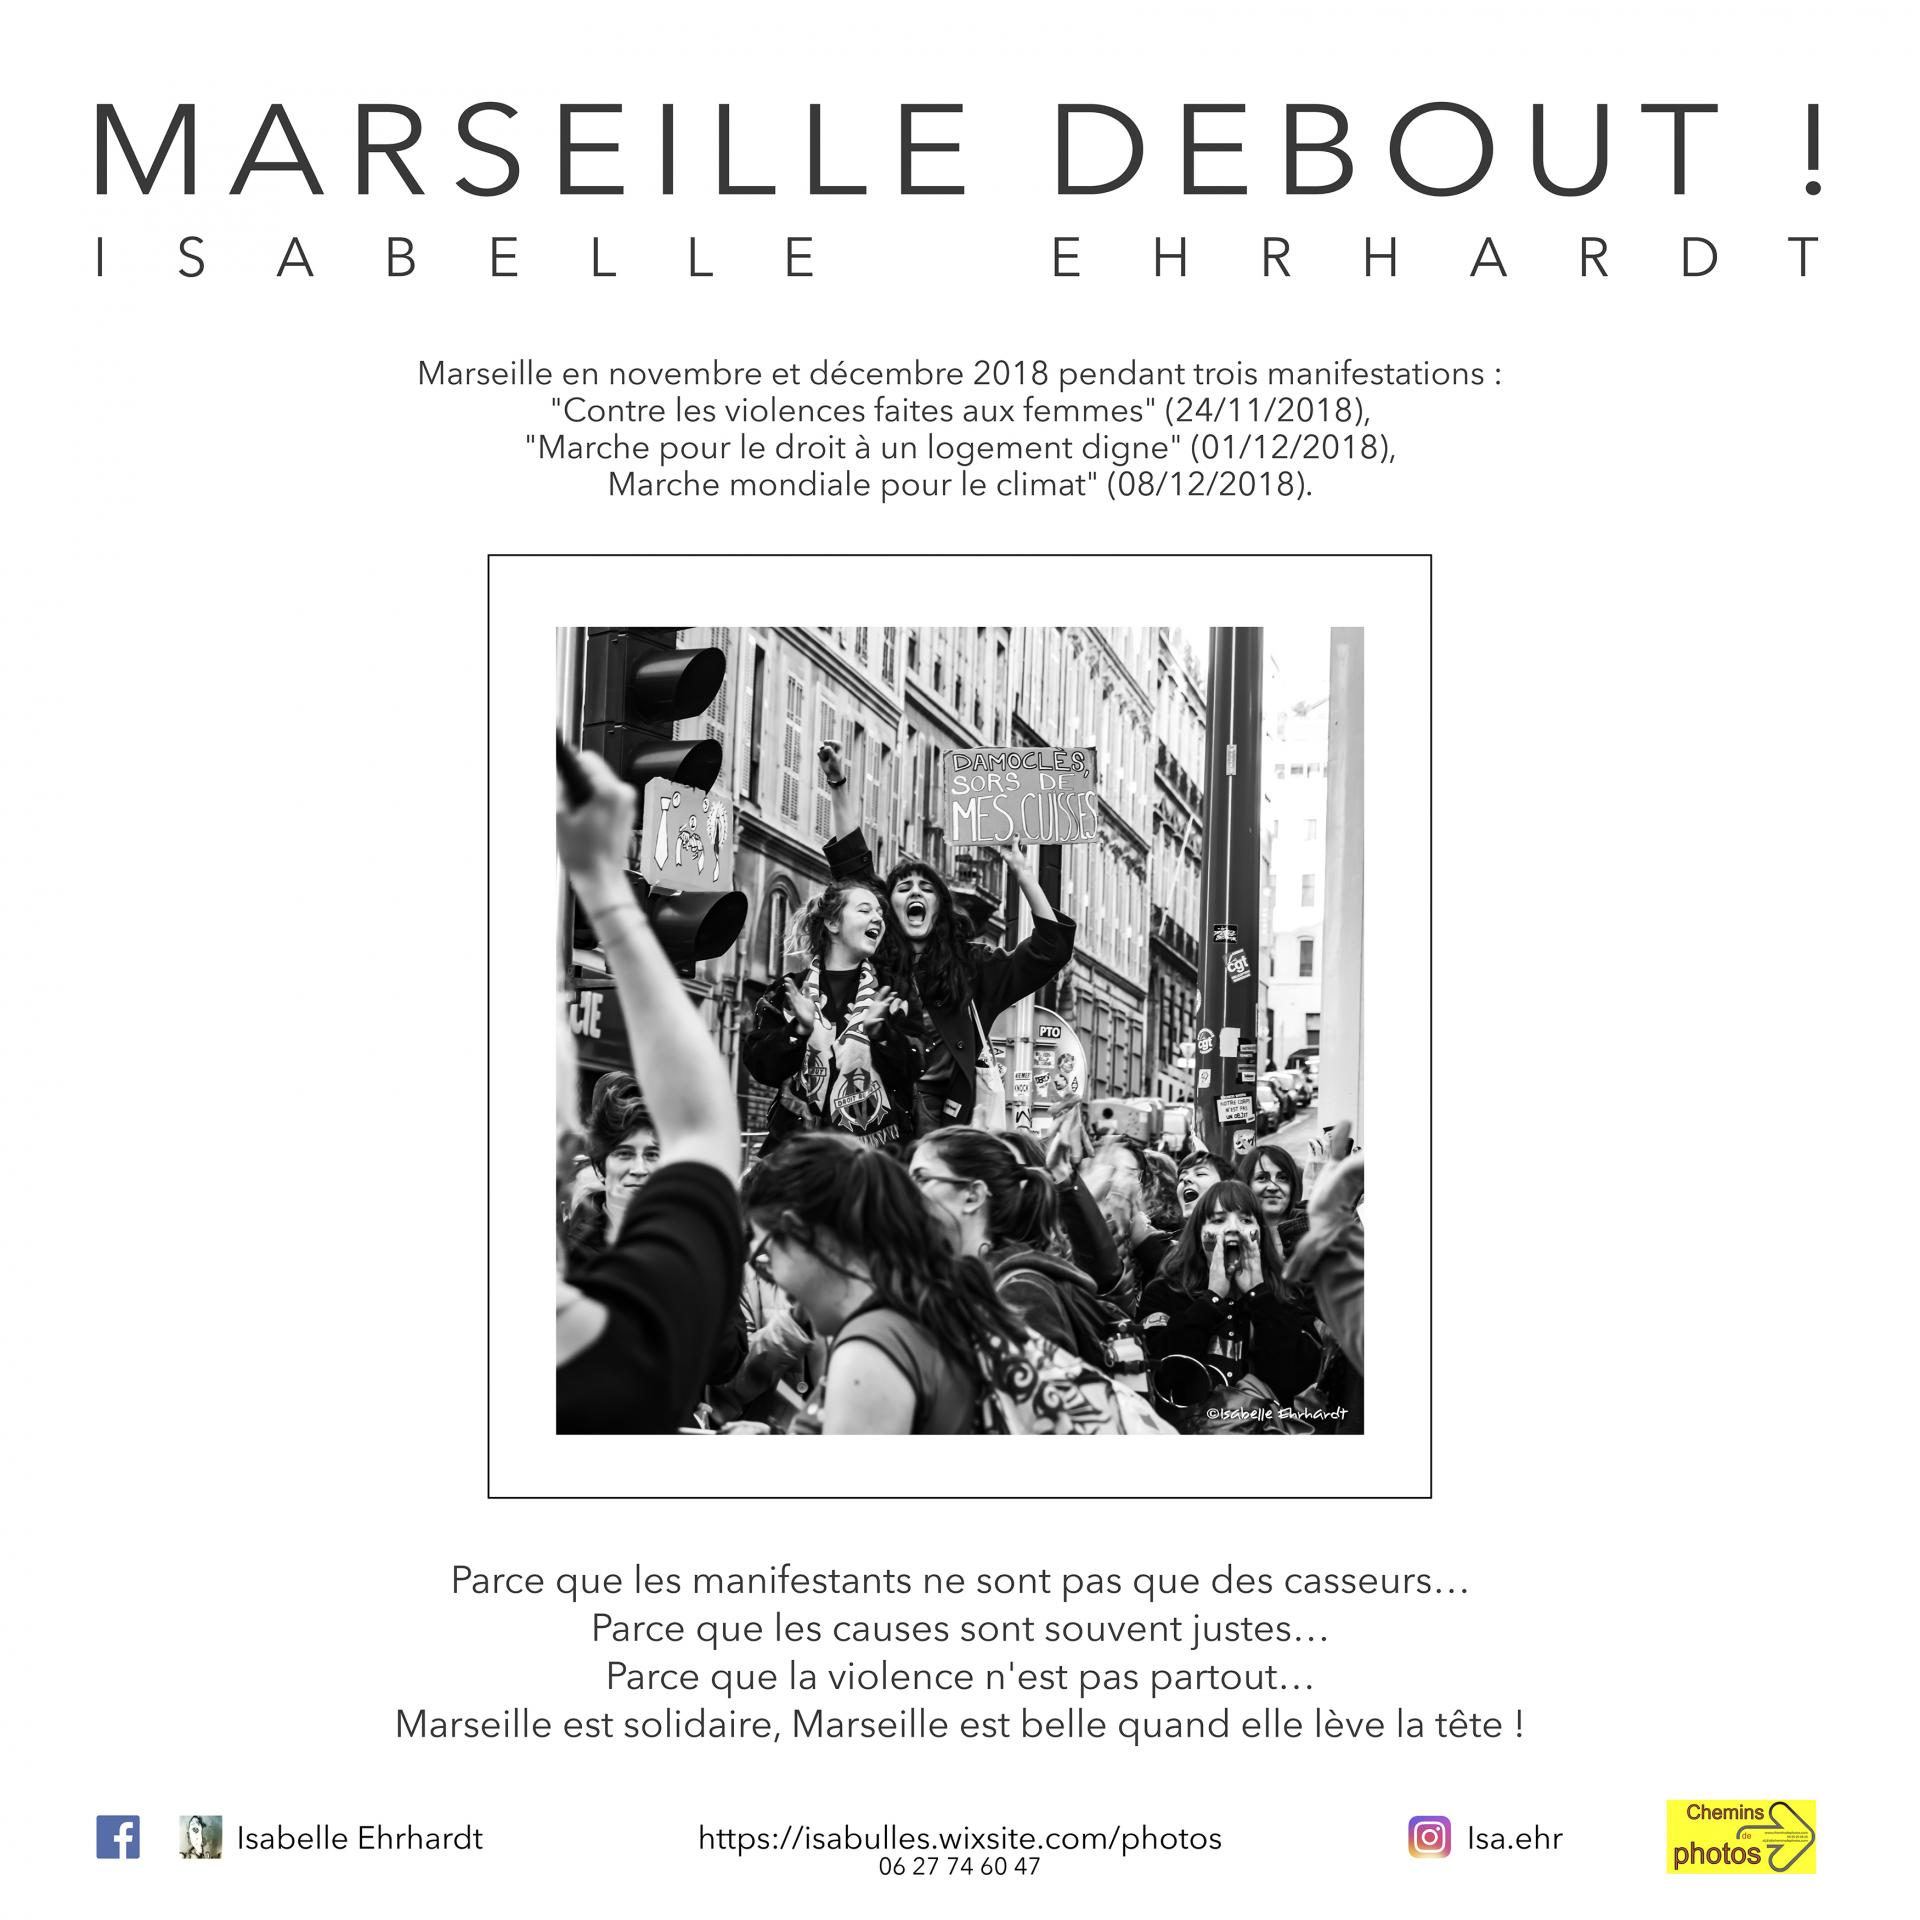 Marseille debout erhard